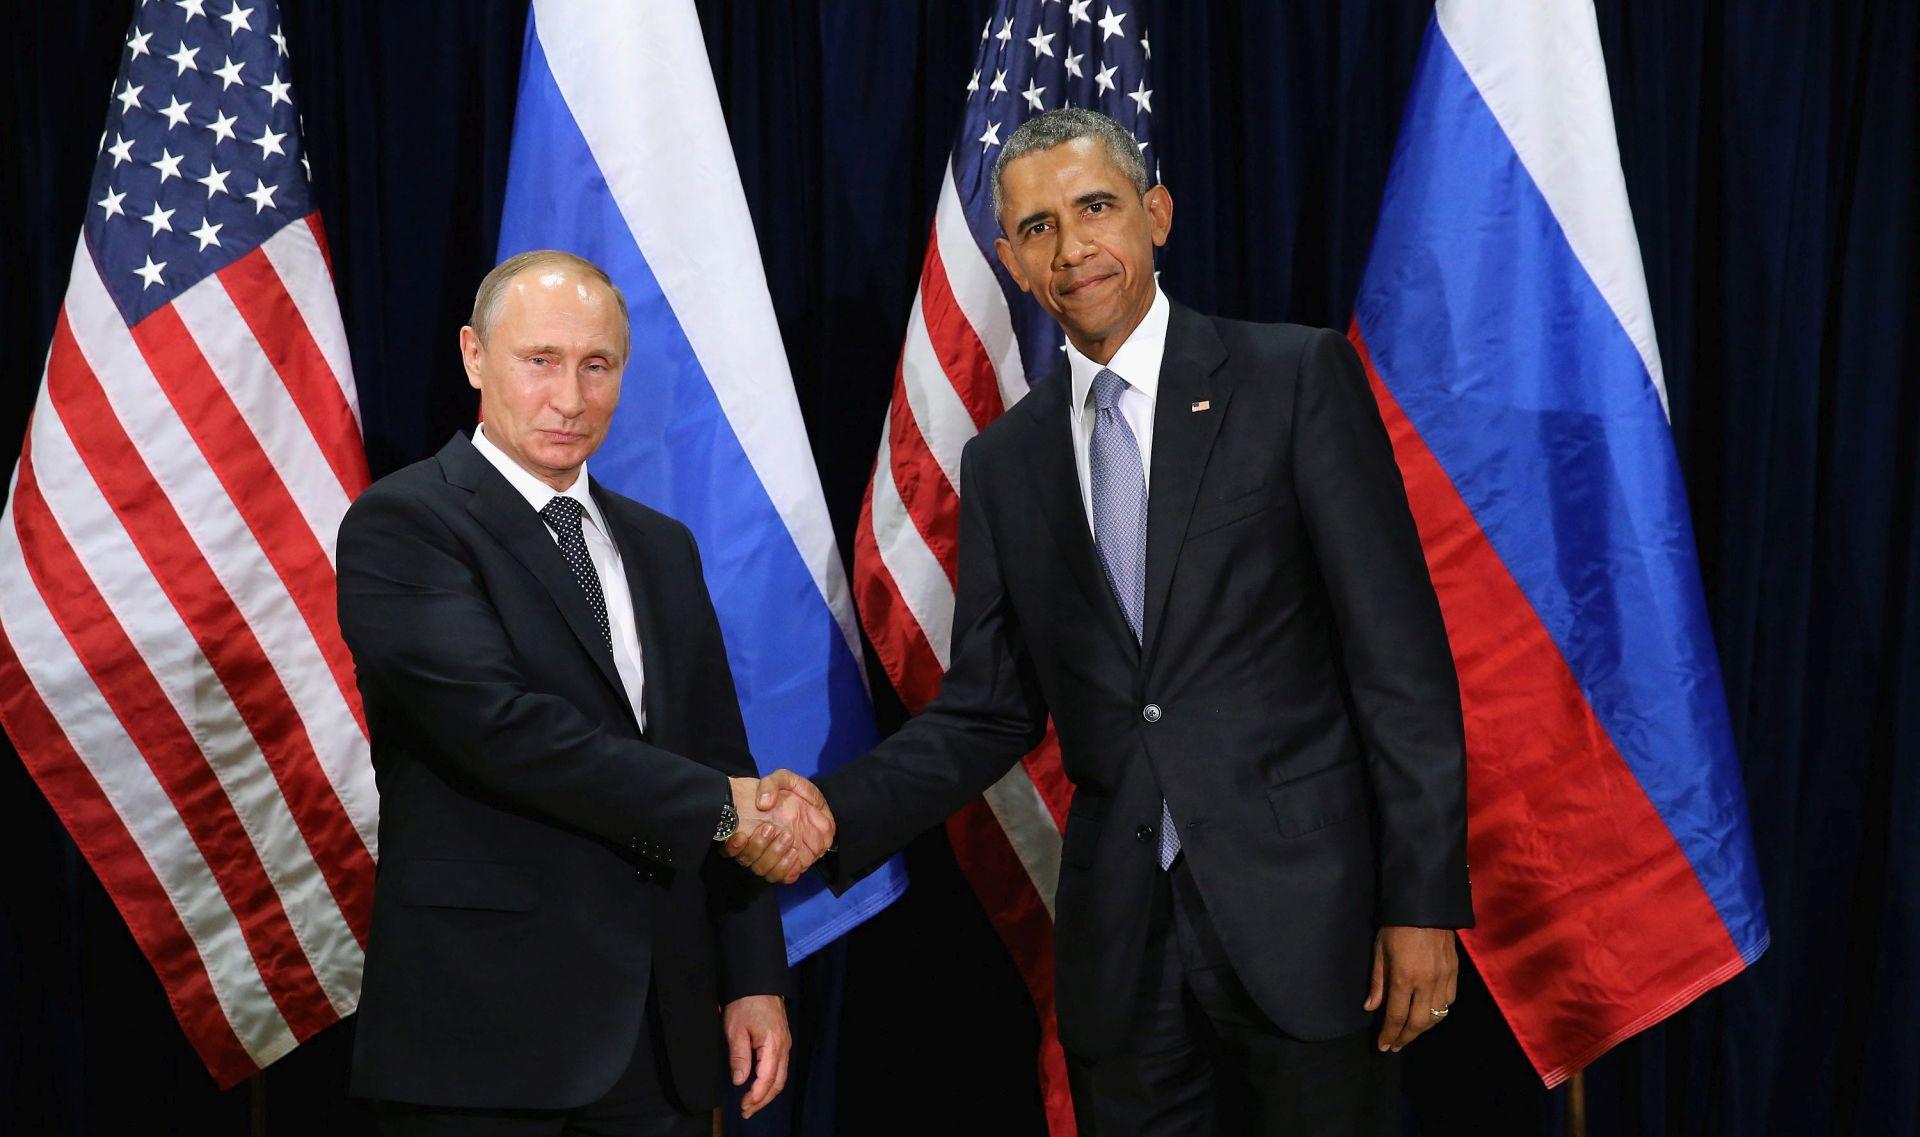 Putin i Obama nisu približili stajalište o budućnosti sirijskog predsjednika